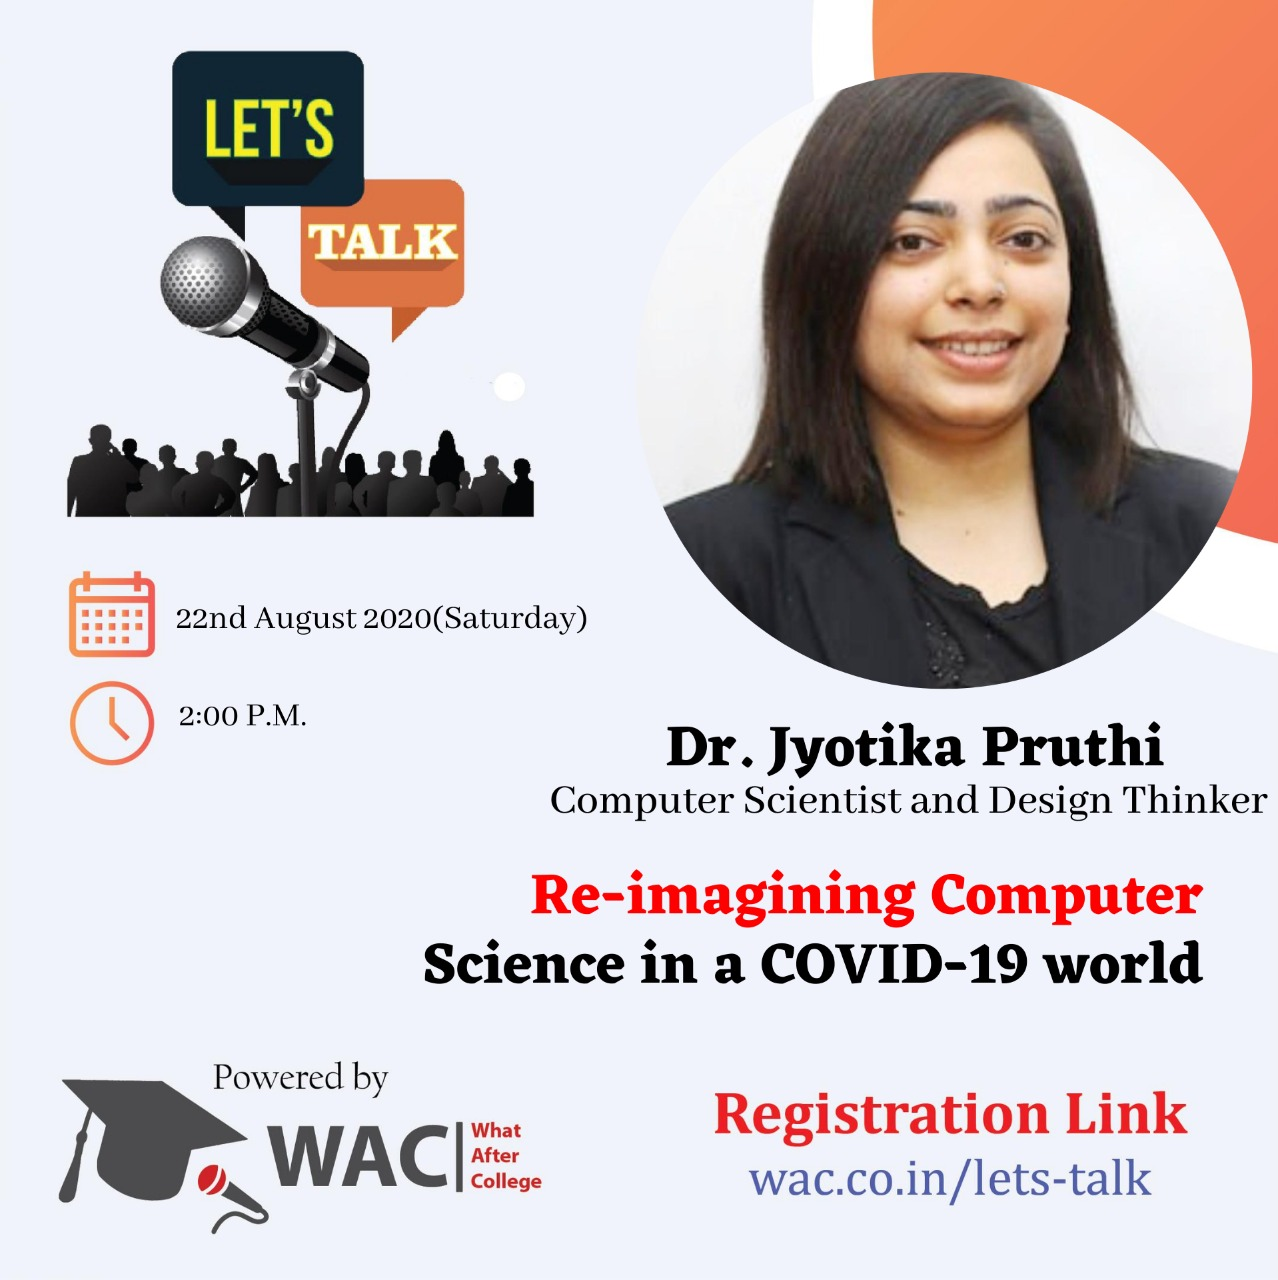 Dr Jyotika Pruthi